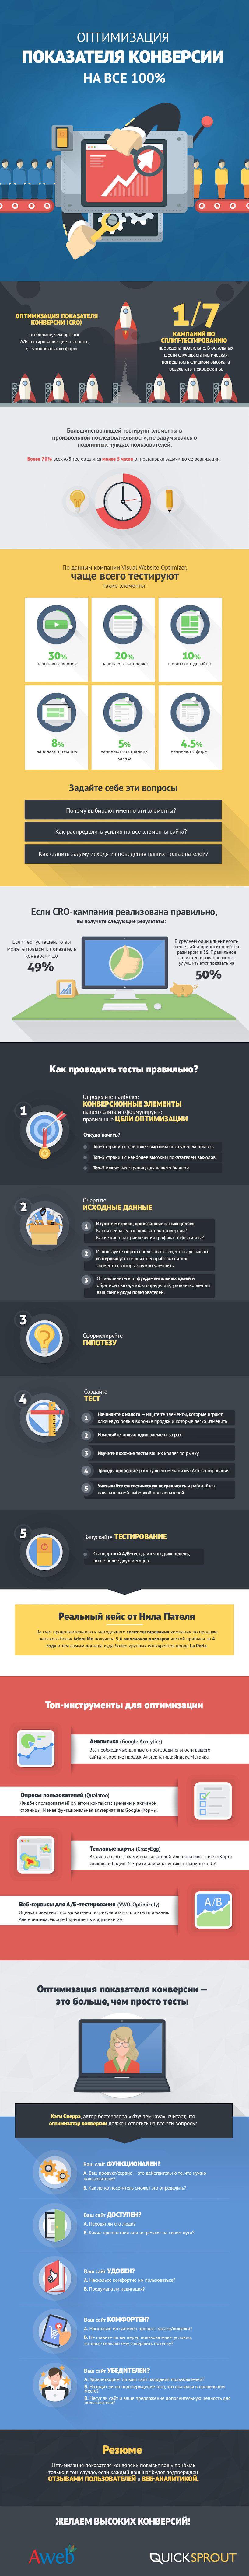 Инфографика: оптимизация конверсии на все 100%. Правильные цели и полезные инструменты